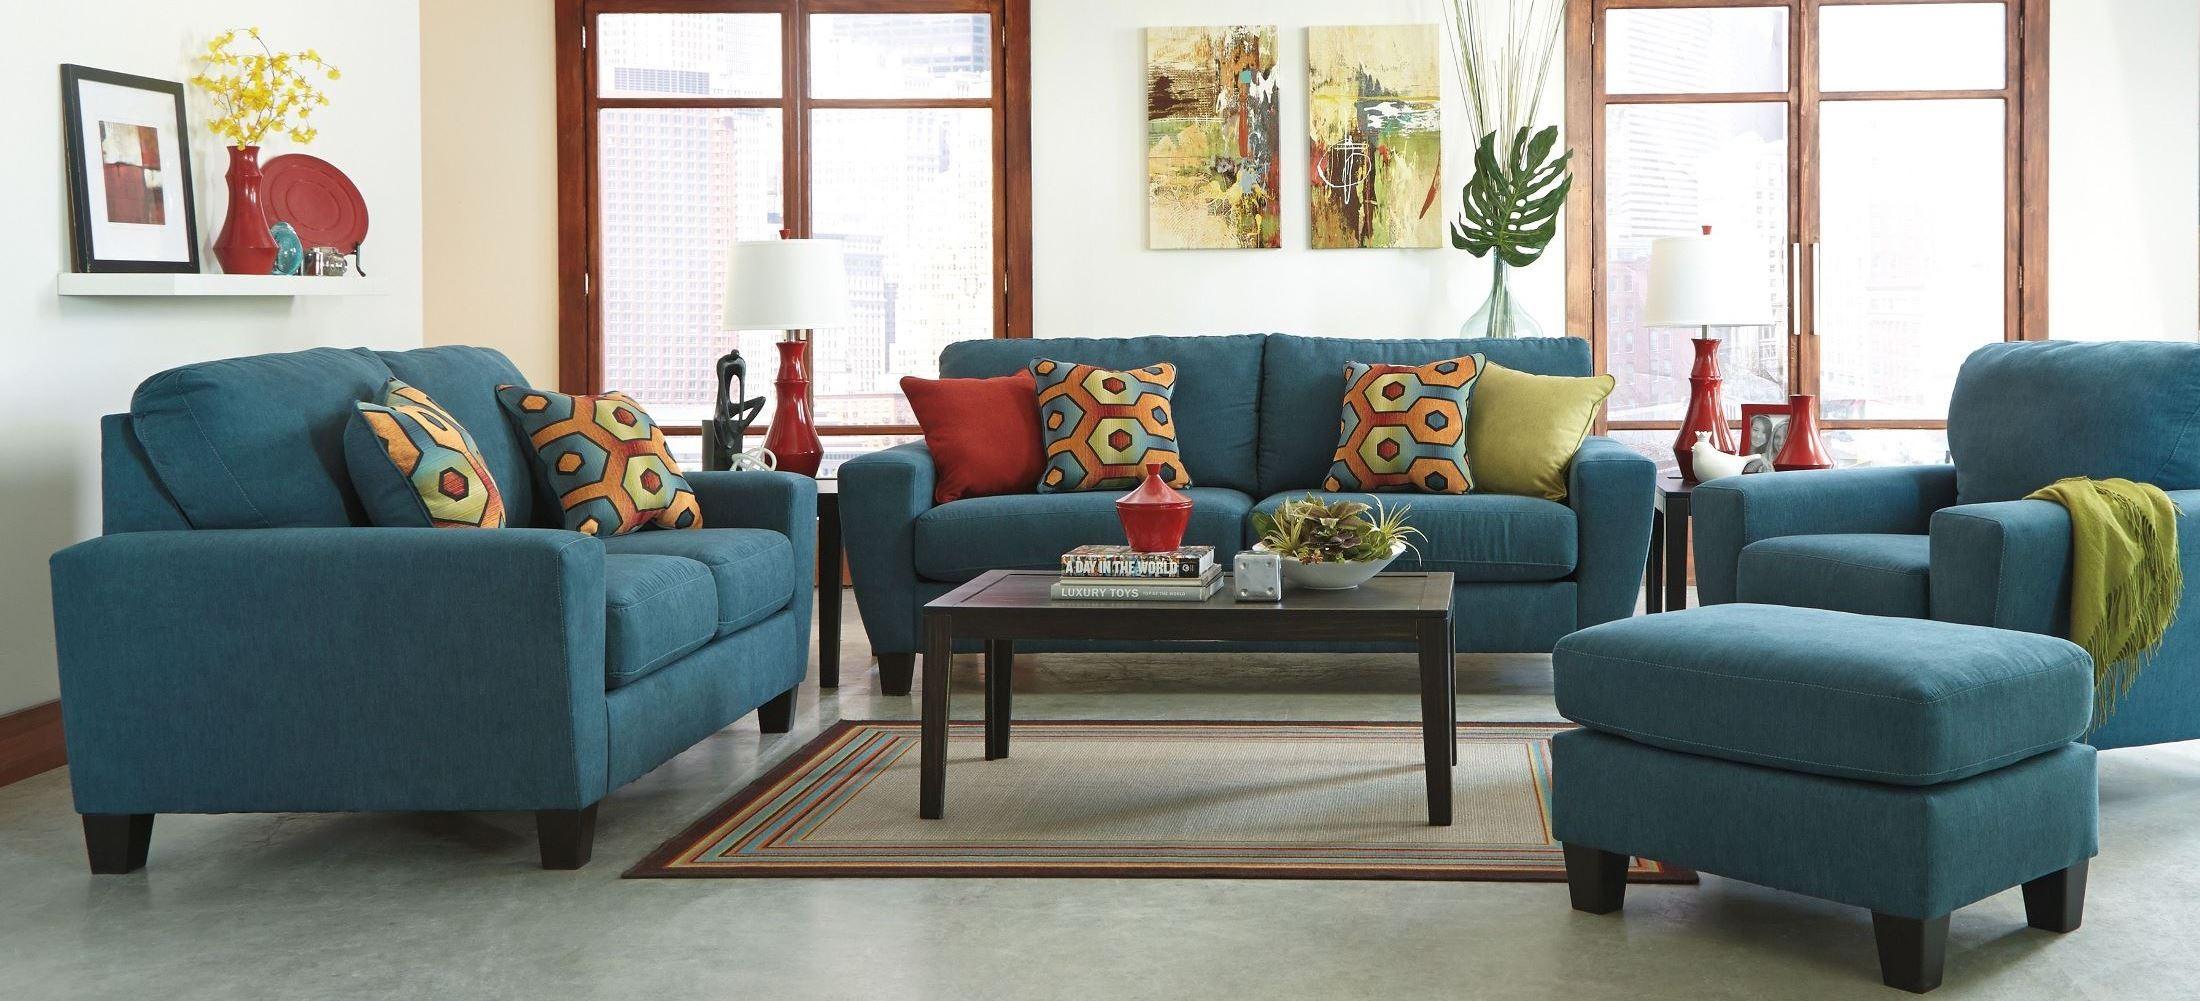 sagen teal living room set from ashley 9390238 coleman furniture. Black Bedroom Furniture Sets. Home Design Ideas